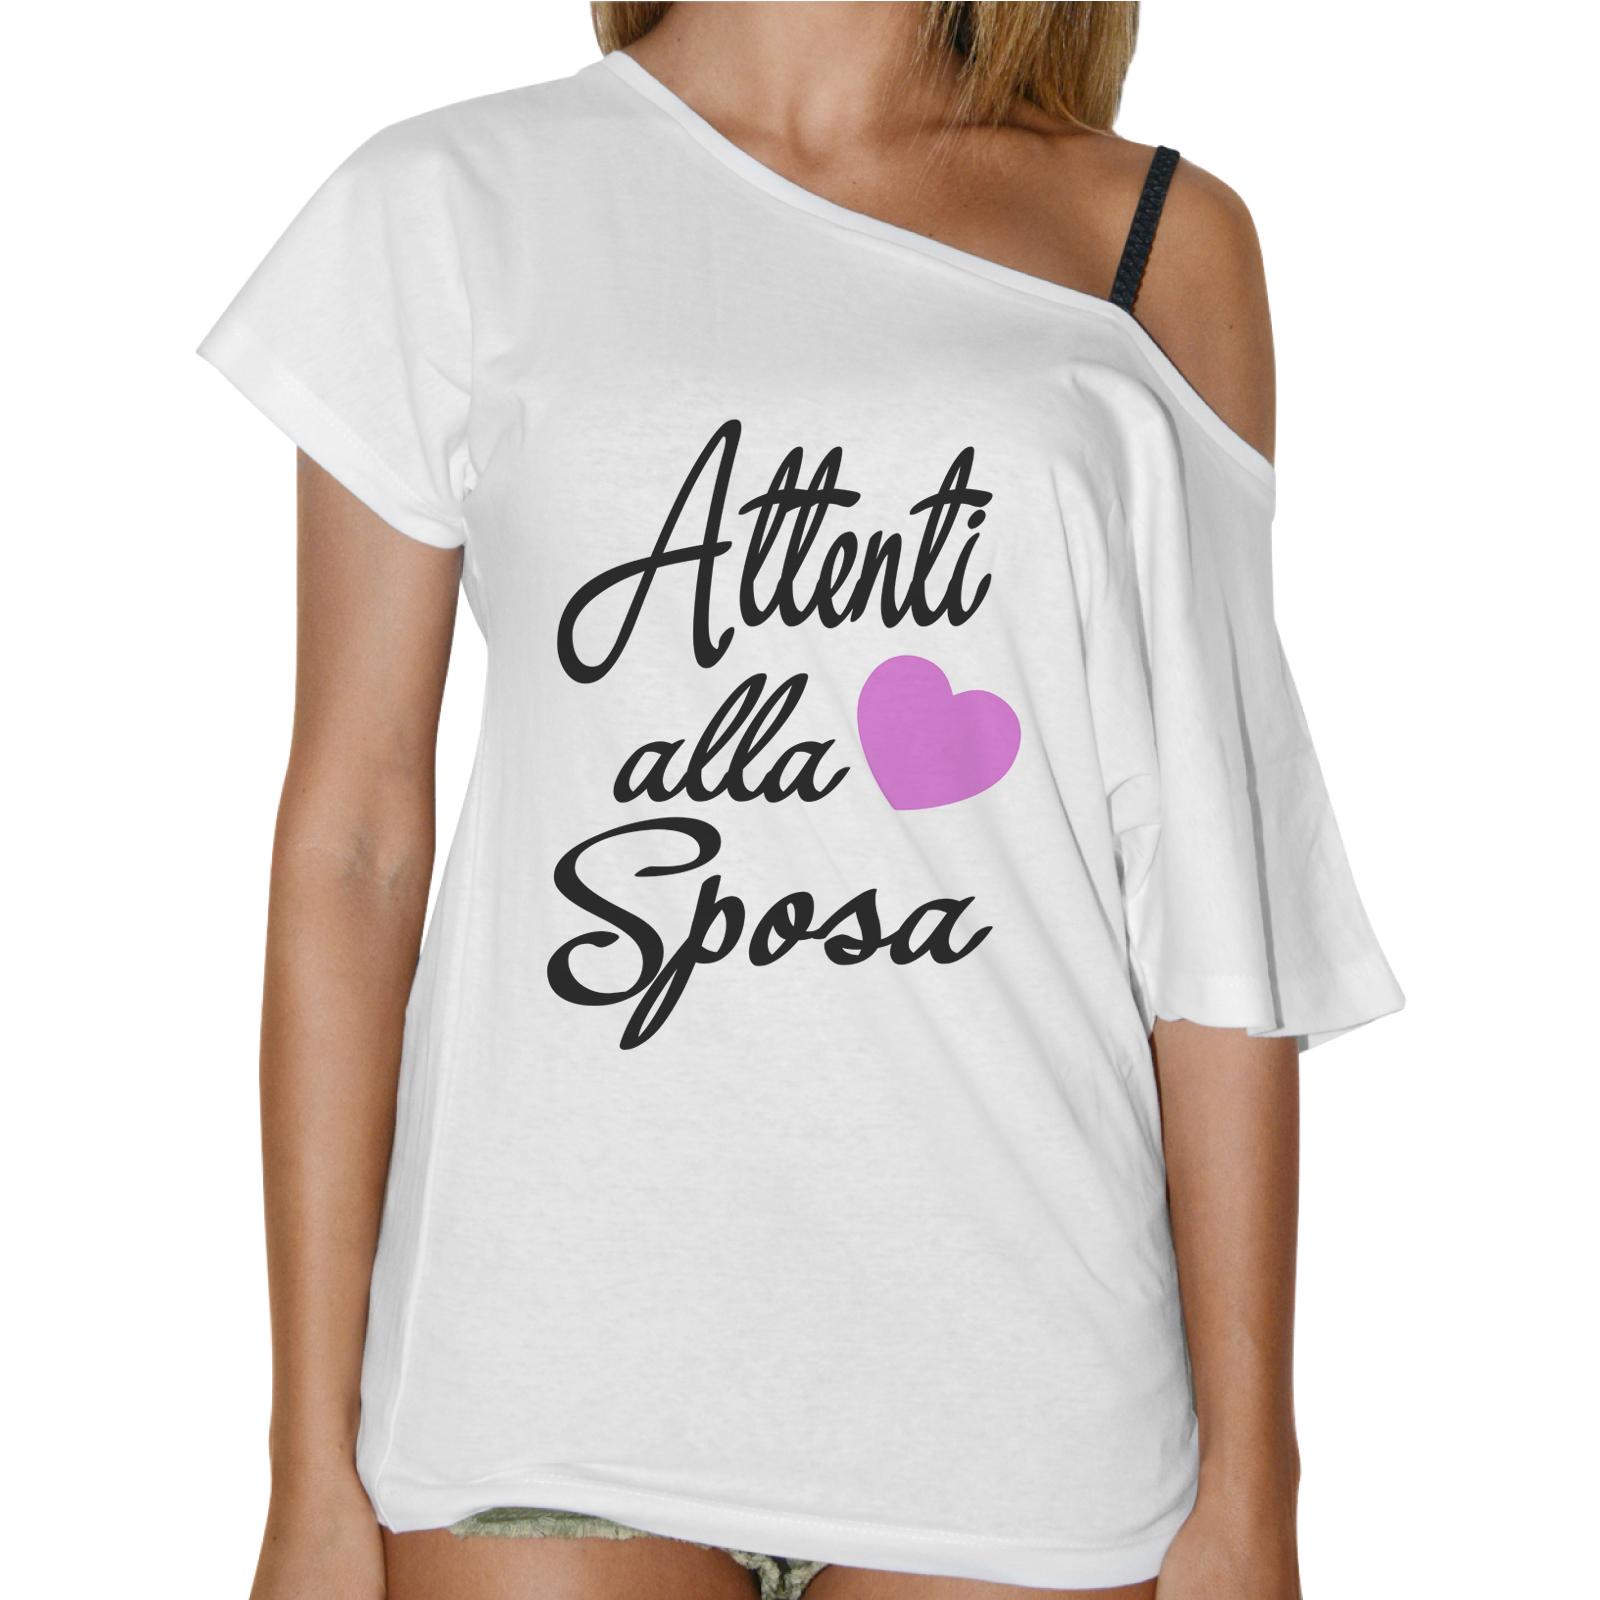 T-Shirt Donna Collo Barca ATTENTI ALLA SPOSA